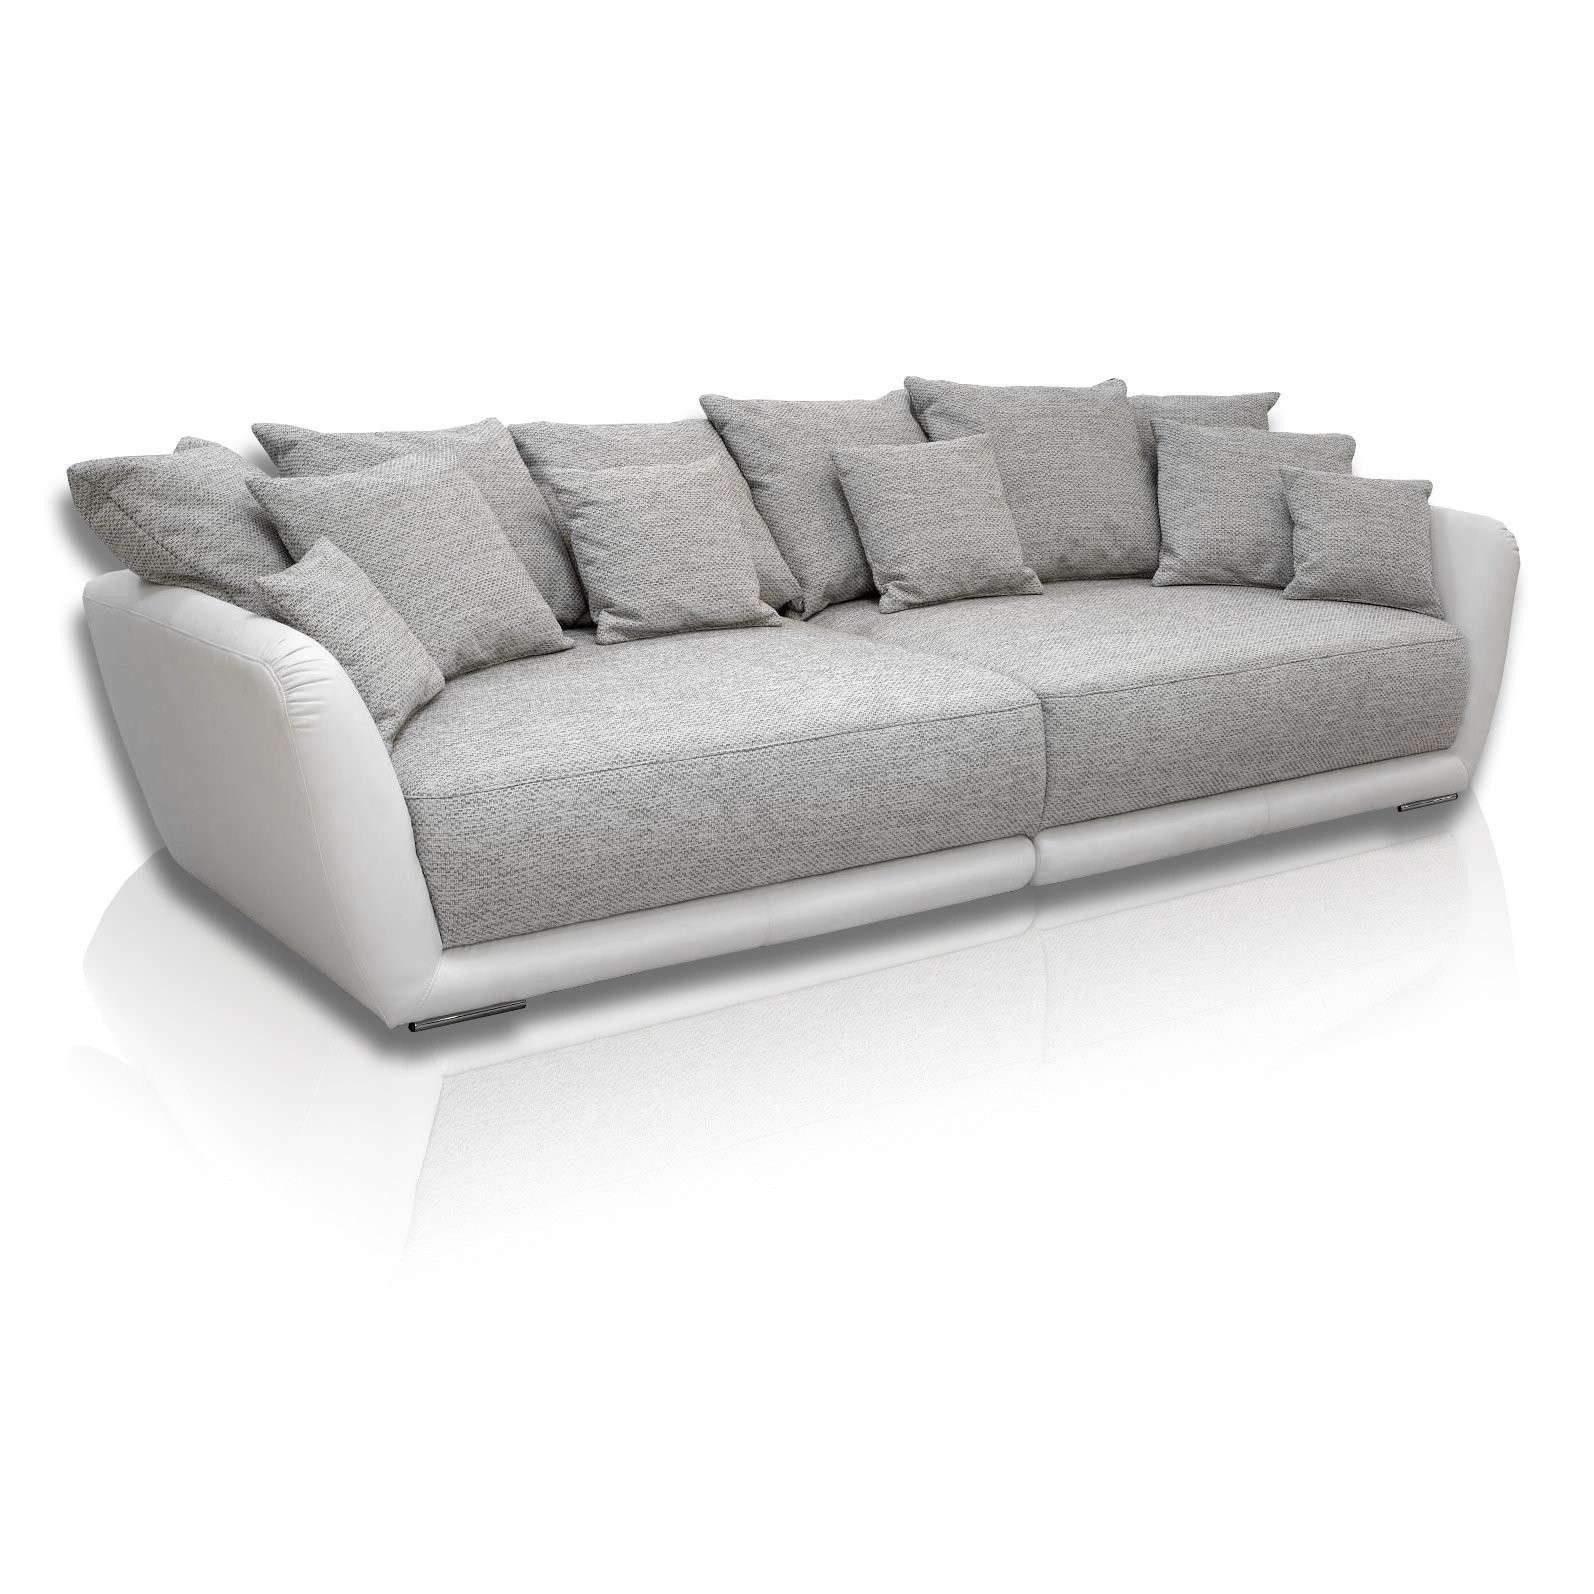 schlafsofa von poco beautiful komplett poco poco couch frisch neu gunstige sofas poco gunstige sofas poco